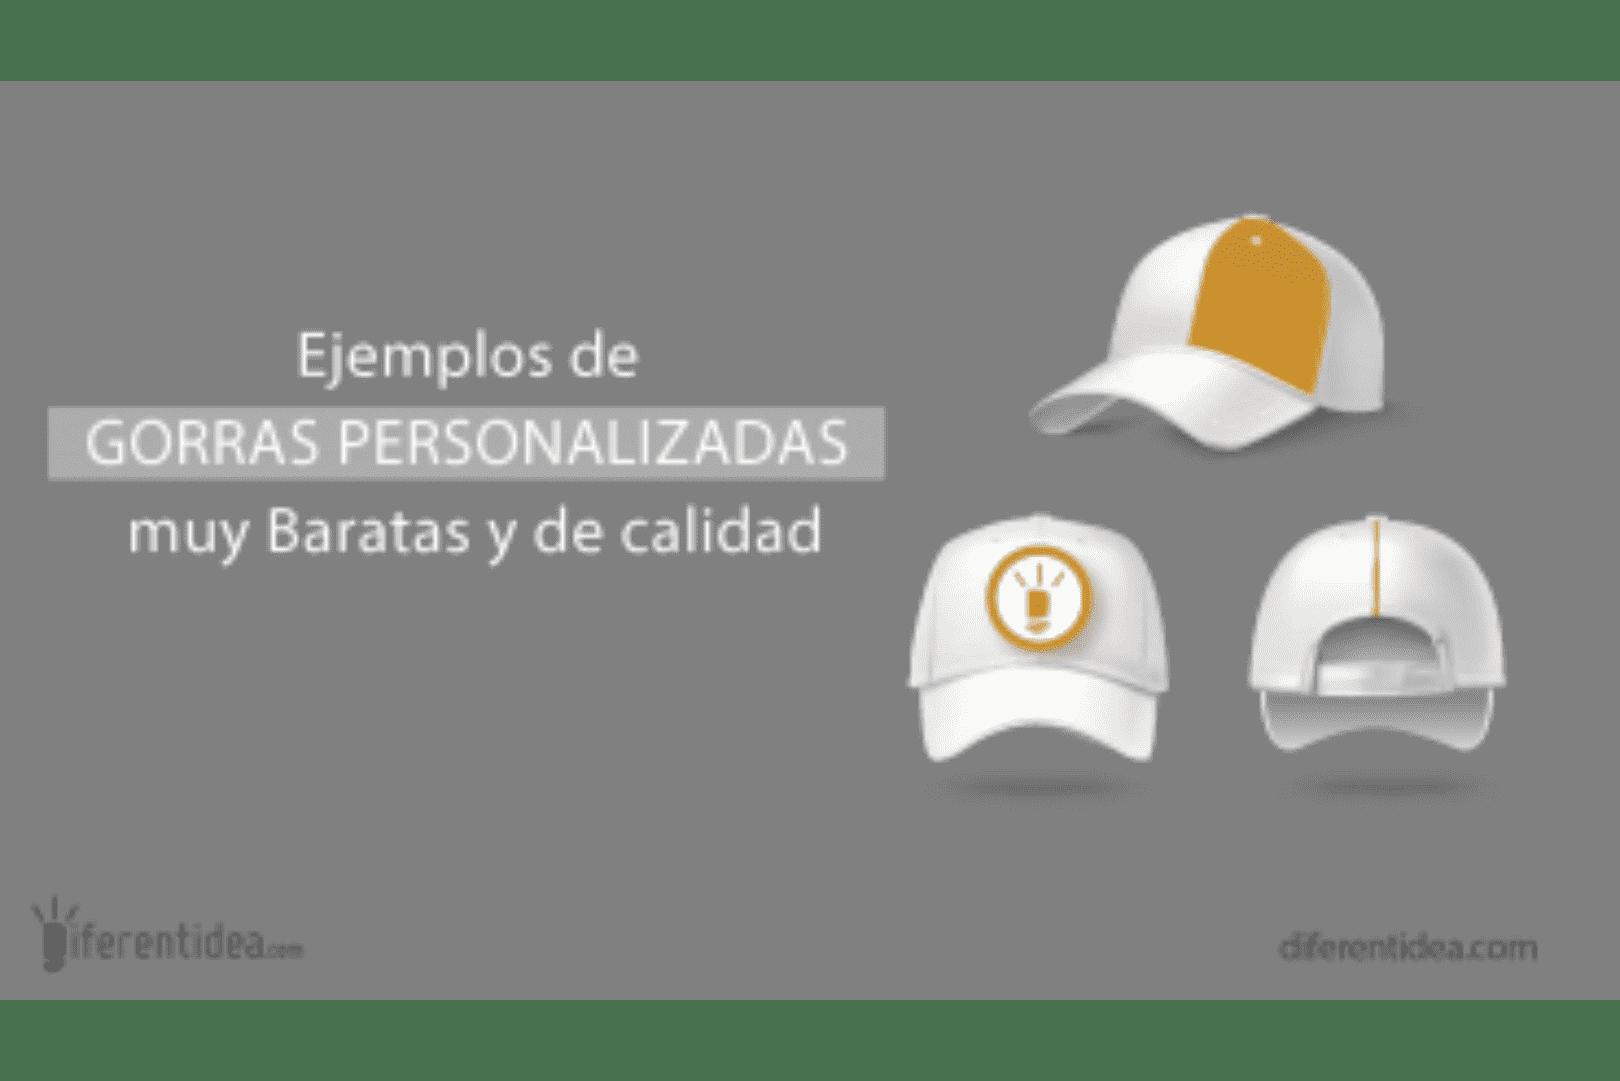 lg-b-ejemplos de gorras personalizadas muy baratas y de calidad